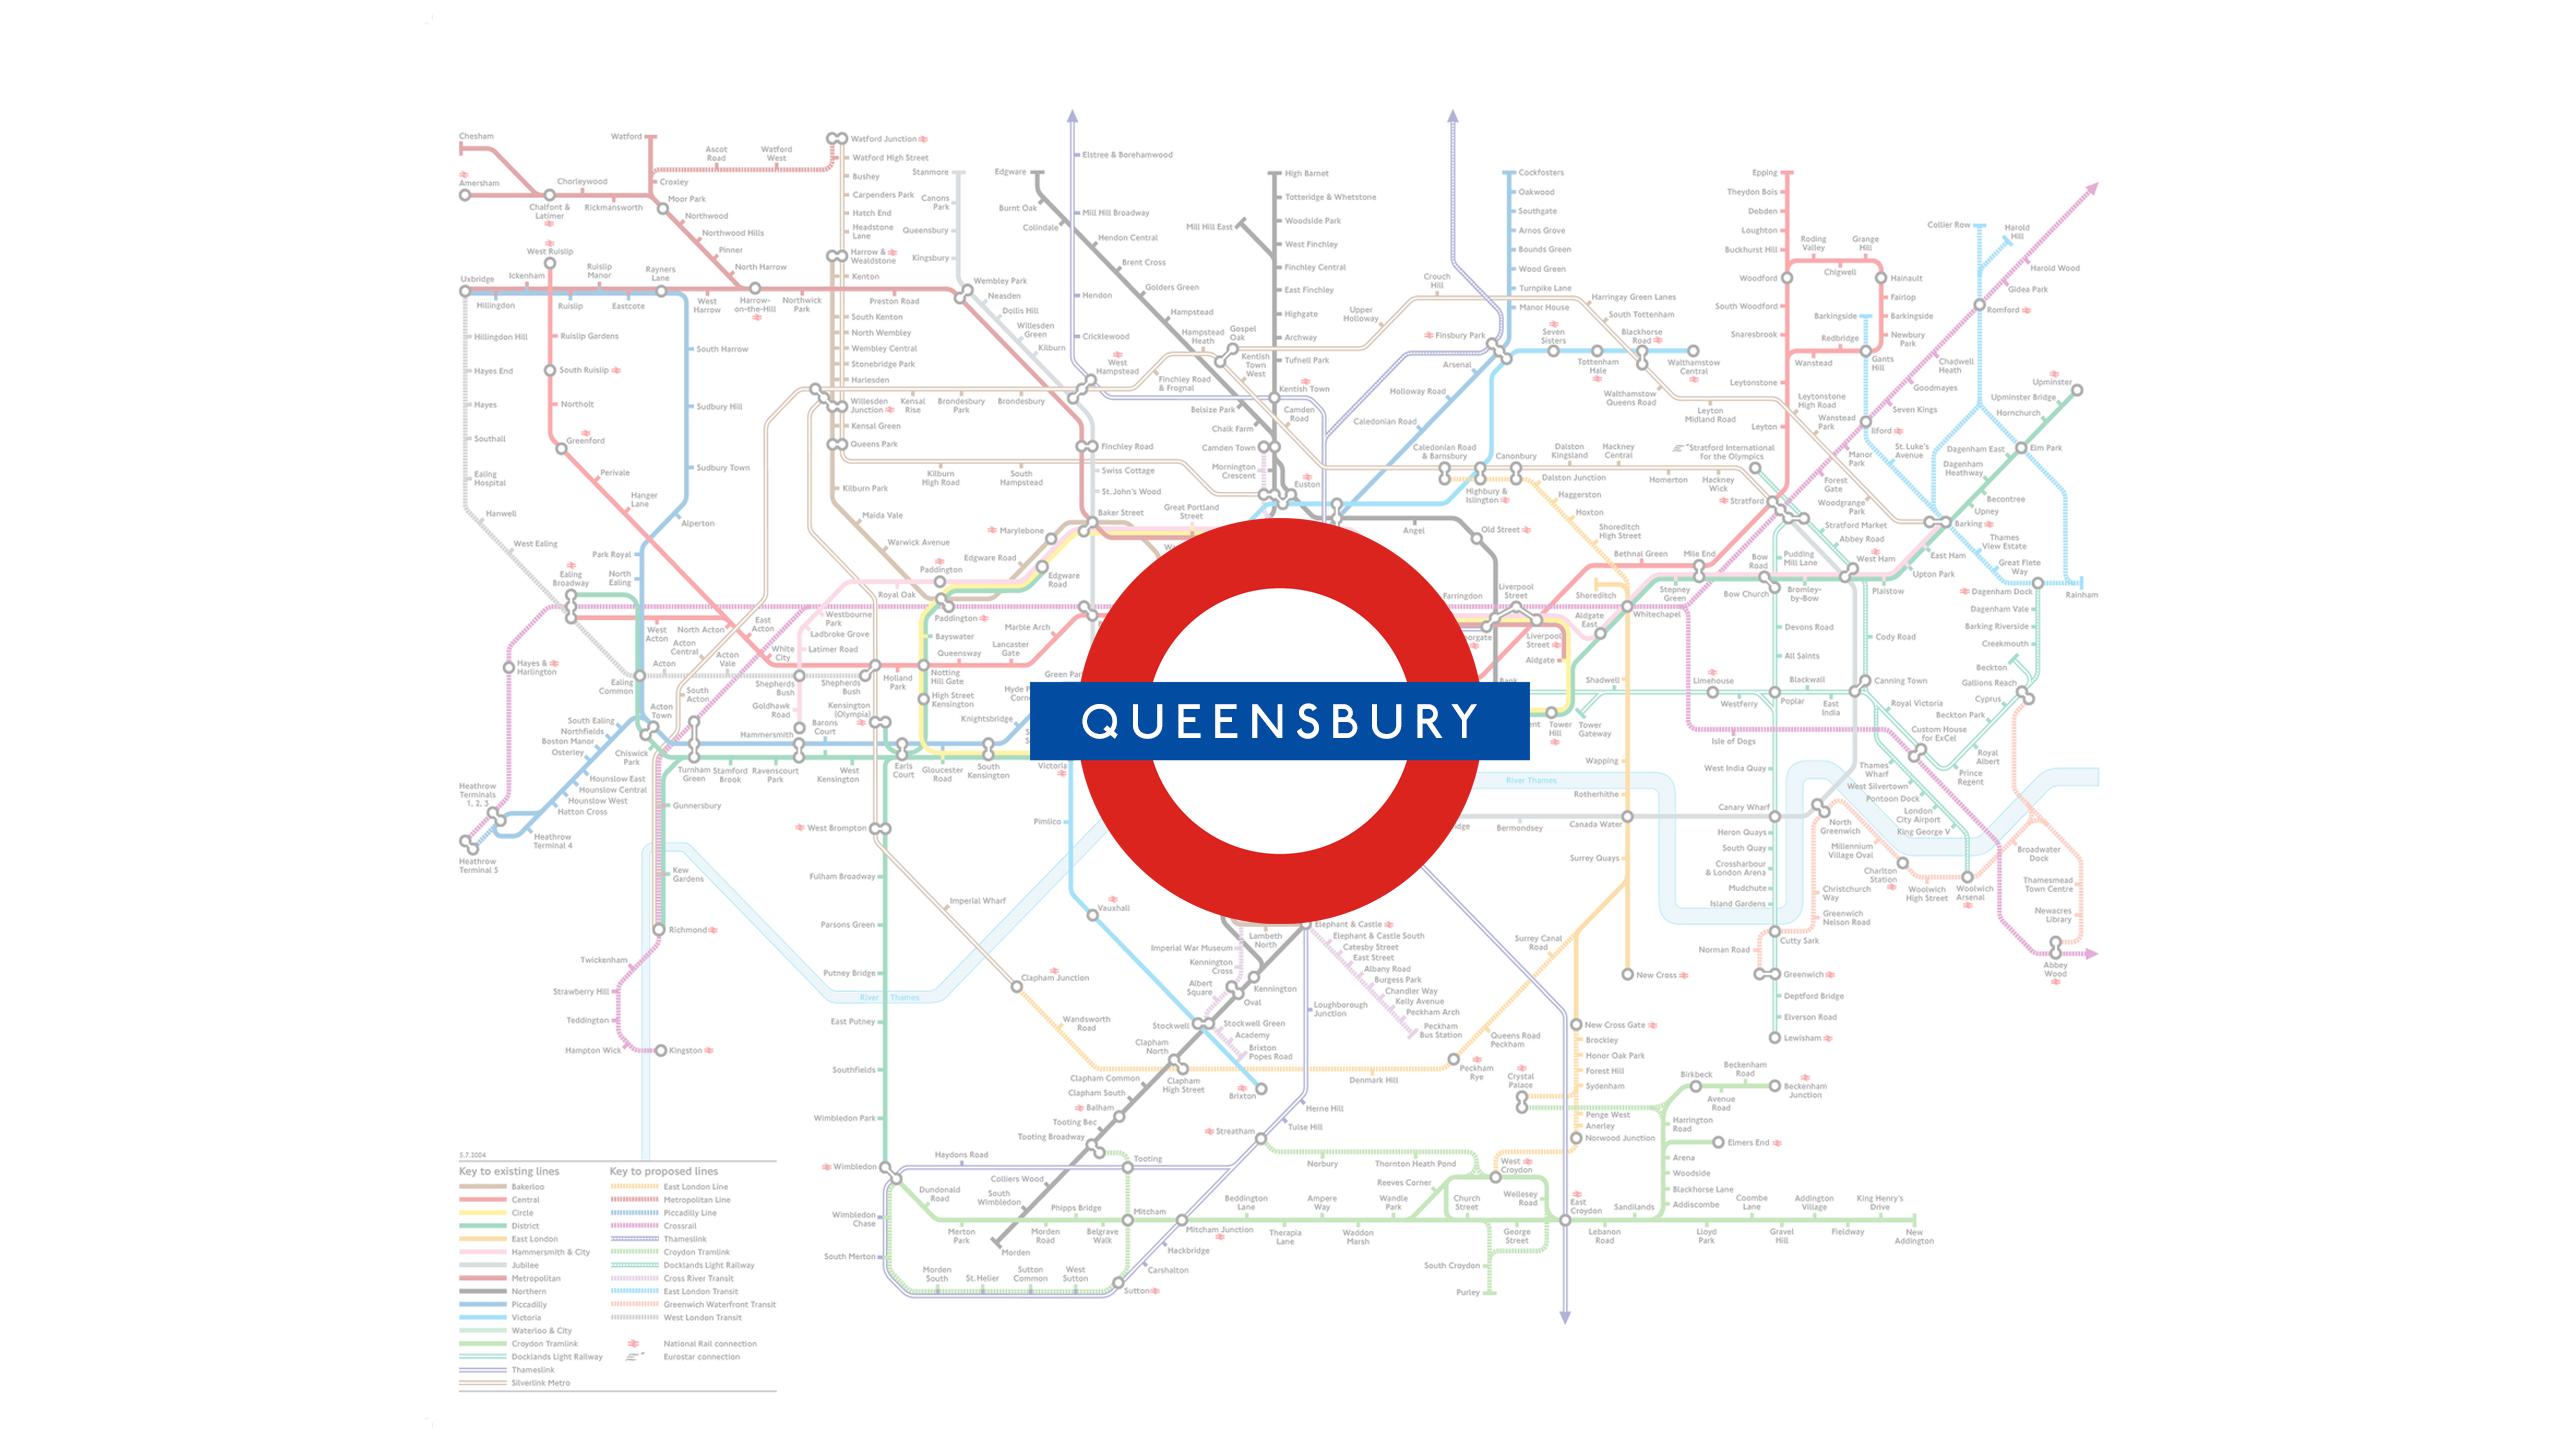 Queensbury (Map)